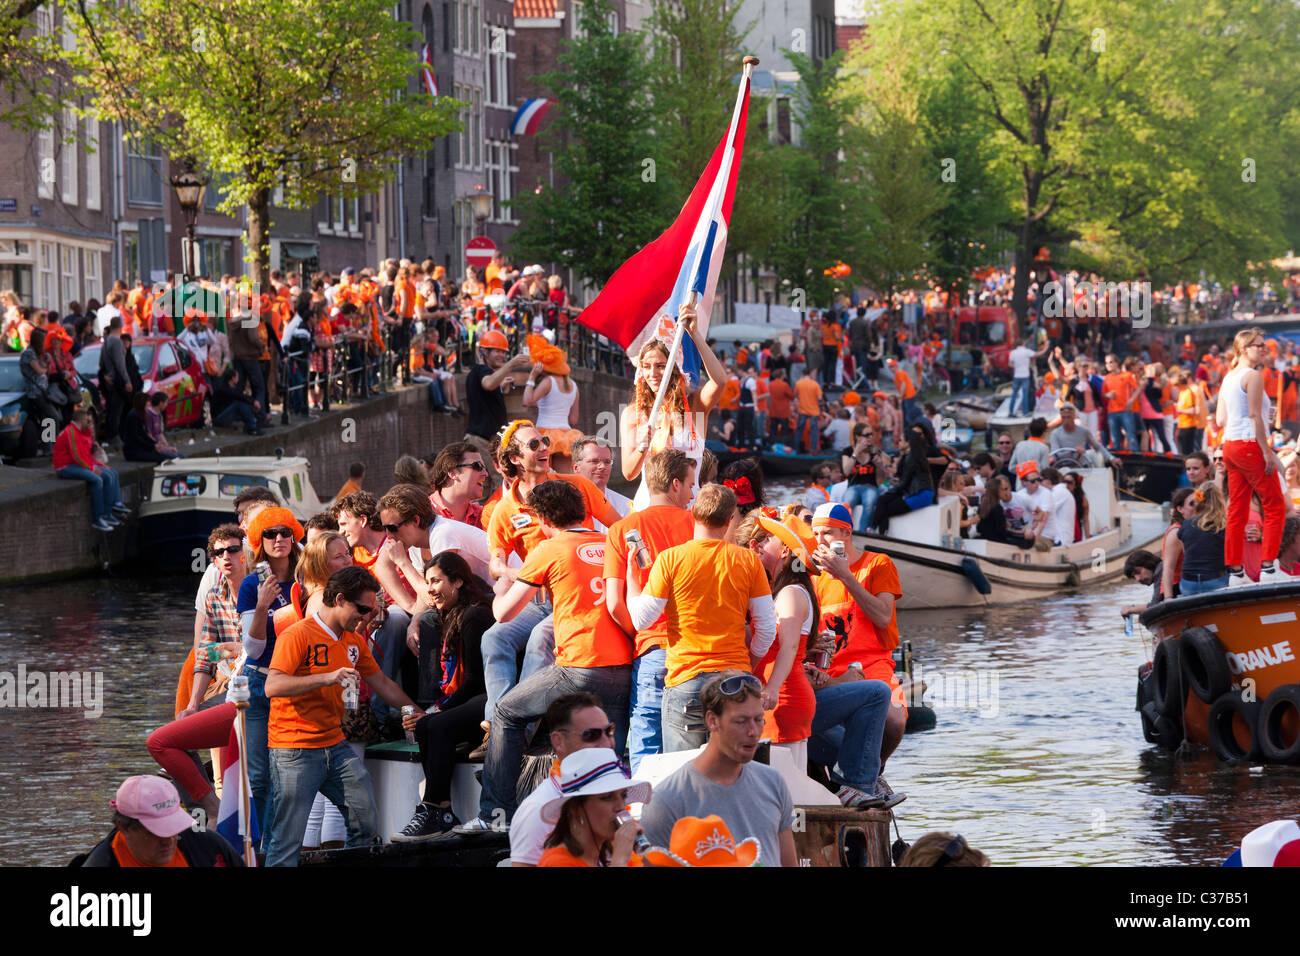 Königstag, der Geburtstag des Königs (Königinnentag Königinnentag) in Amsterdam Mädchen Stockbild